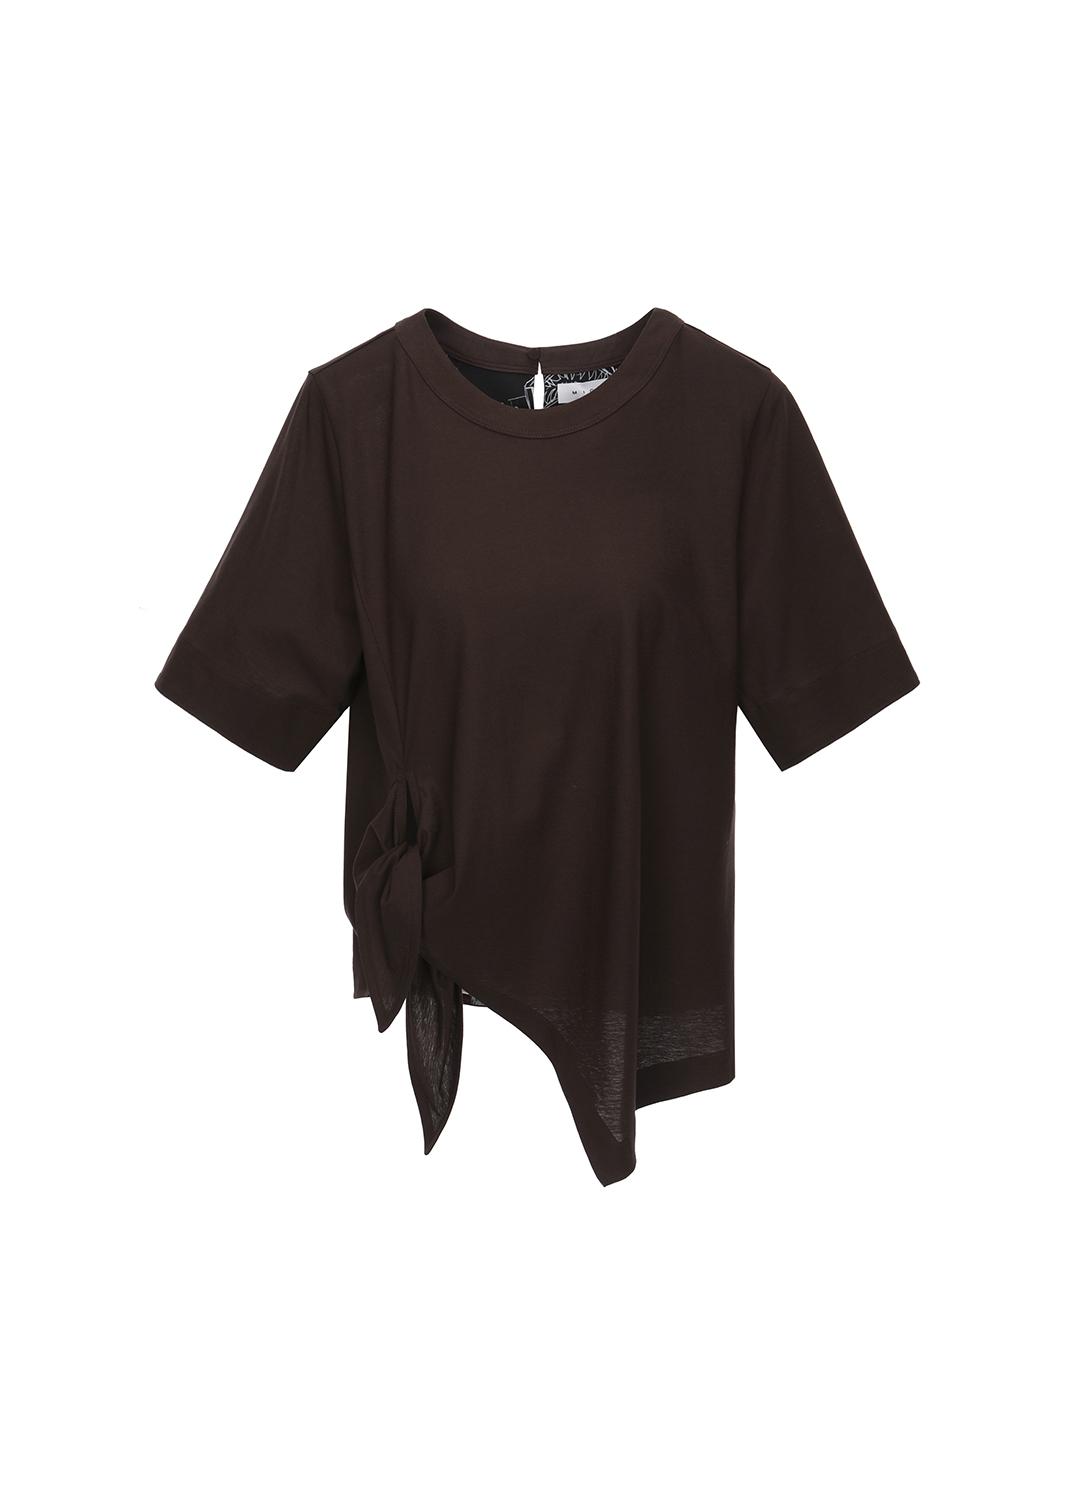 코튼 사이드 타이 포인트 라운드넥 티셔츠